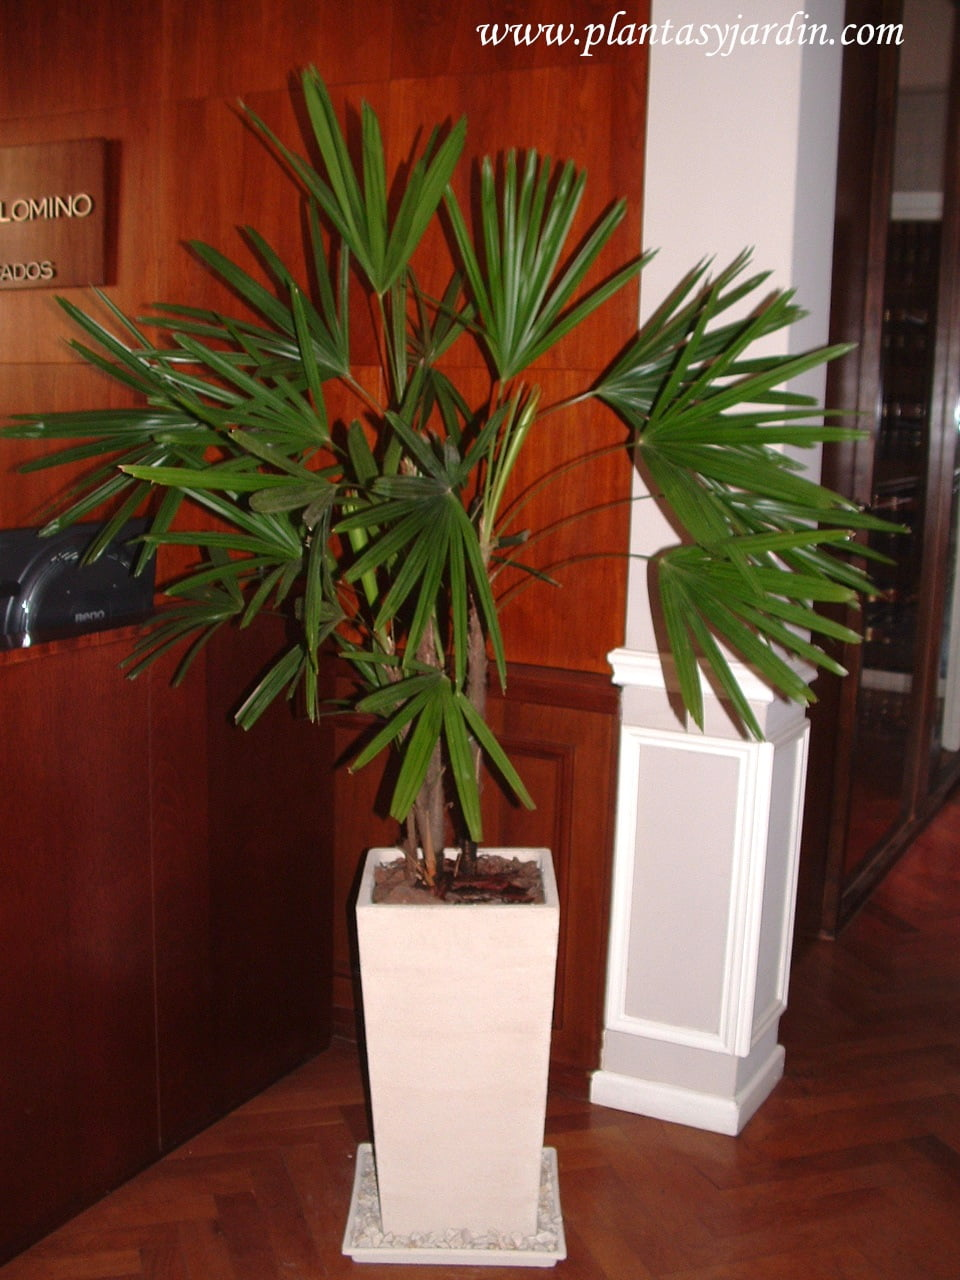 Palmeras caracter sticas generales plantas jard n for Palmeras de interior